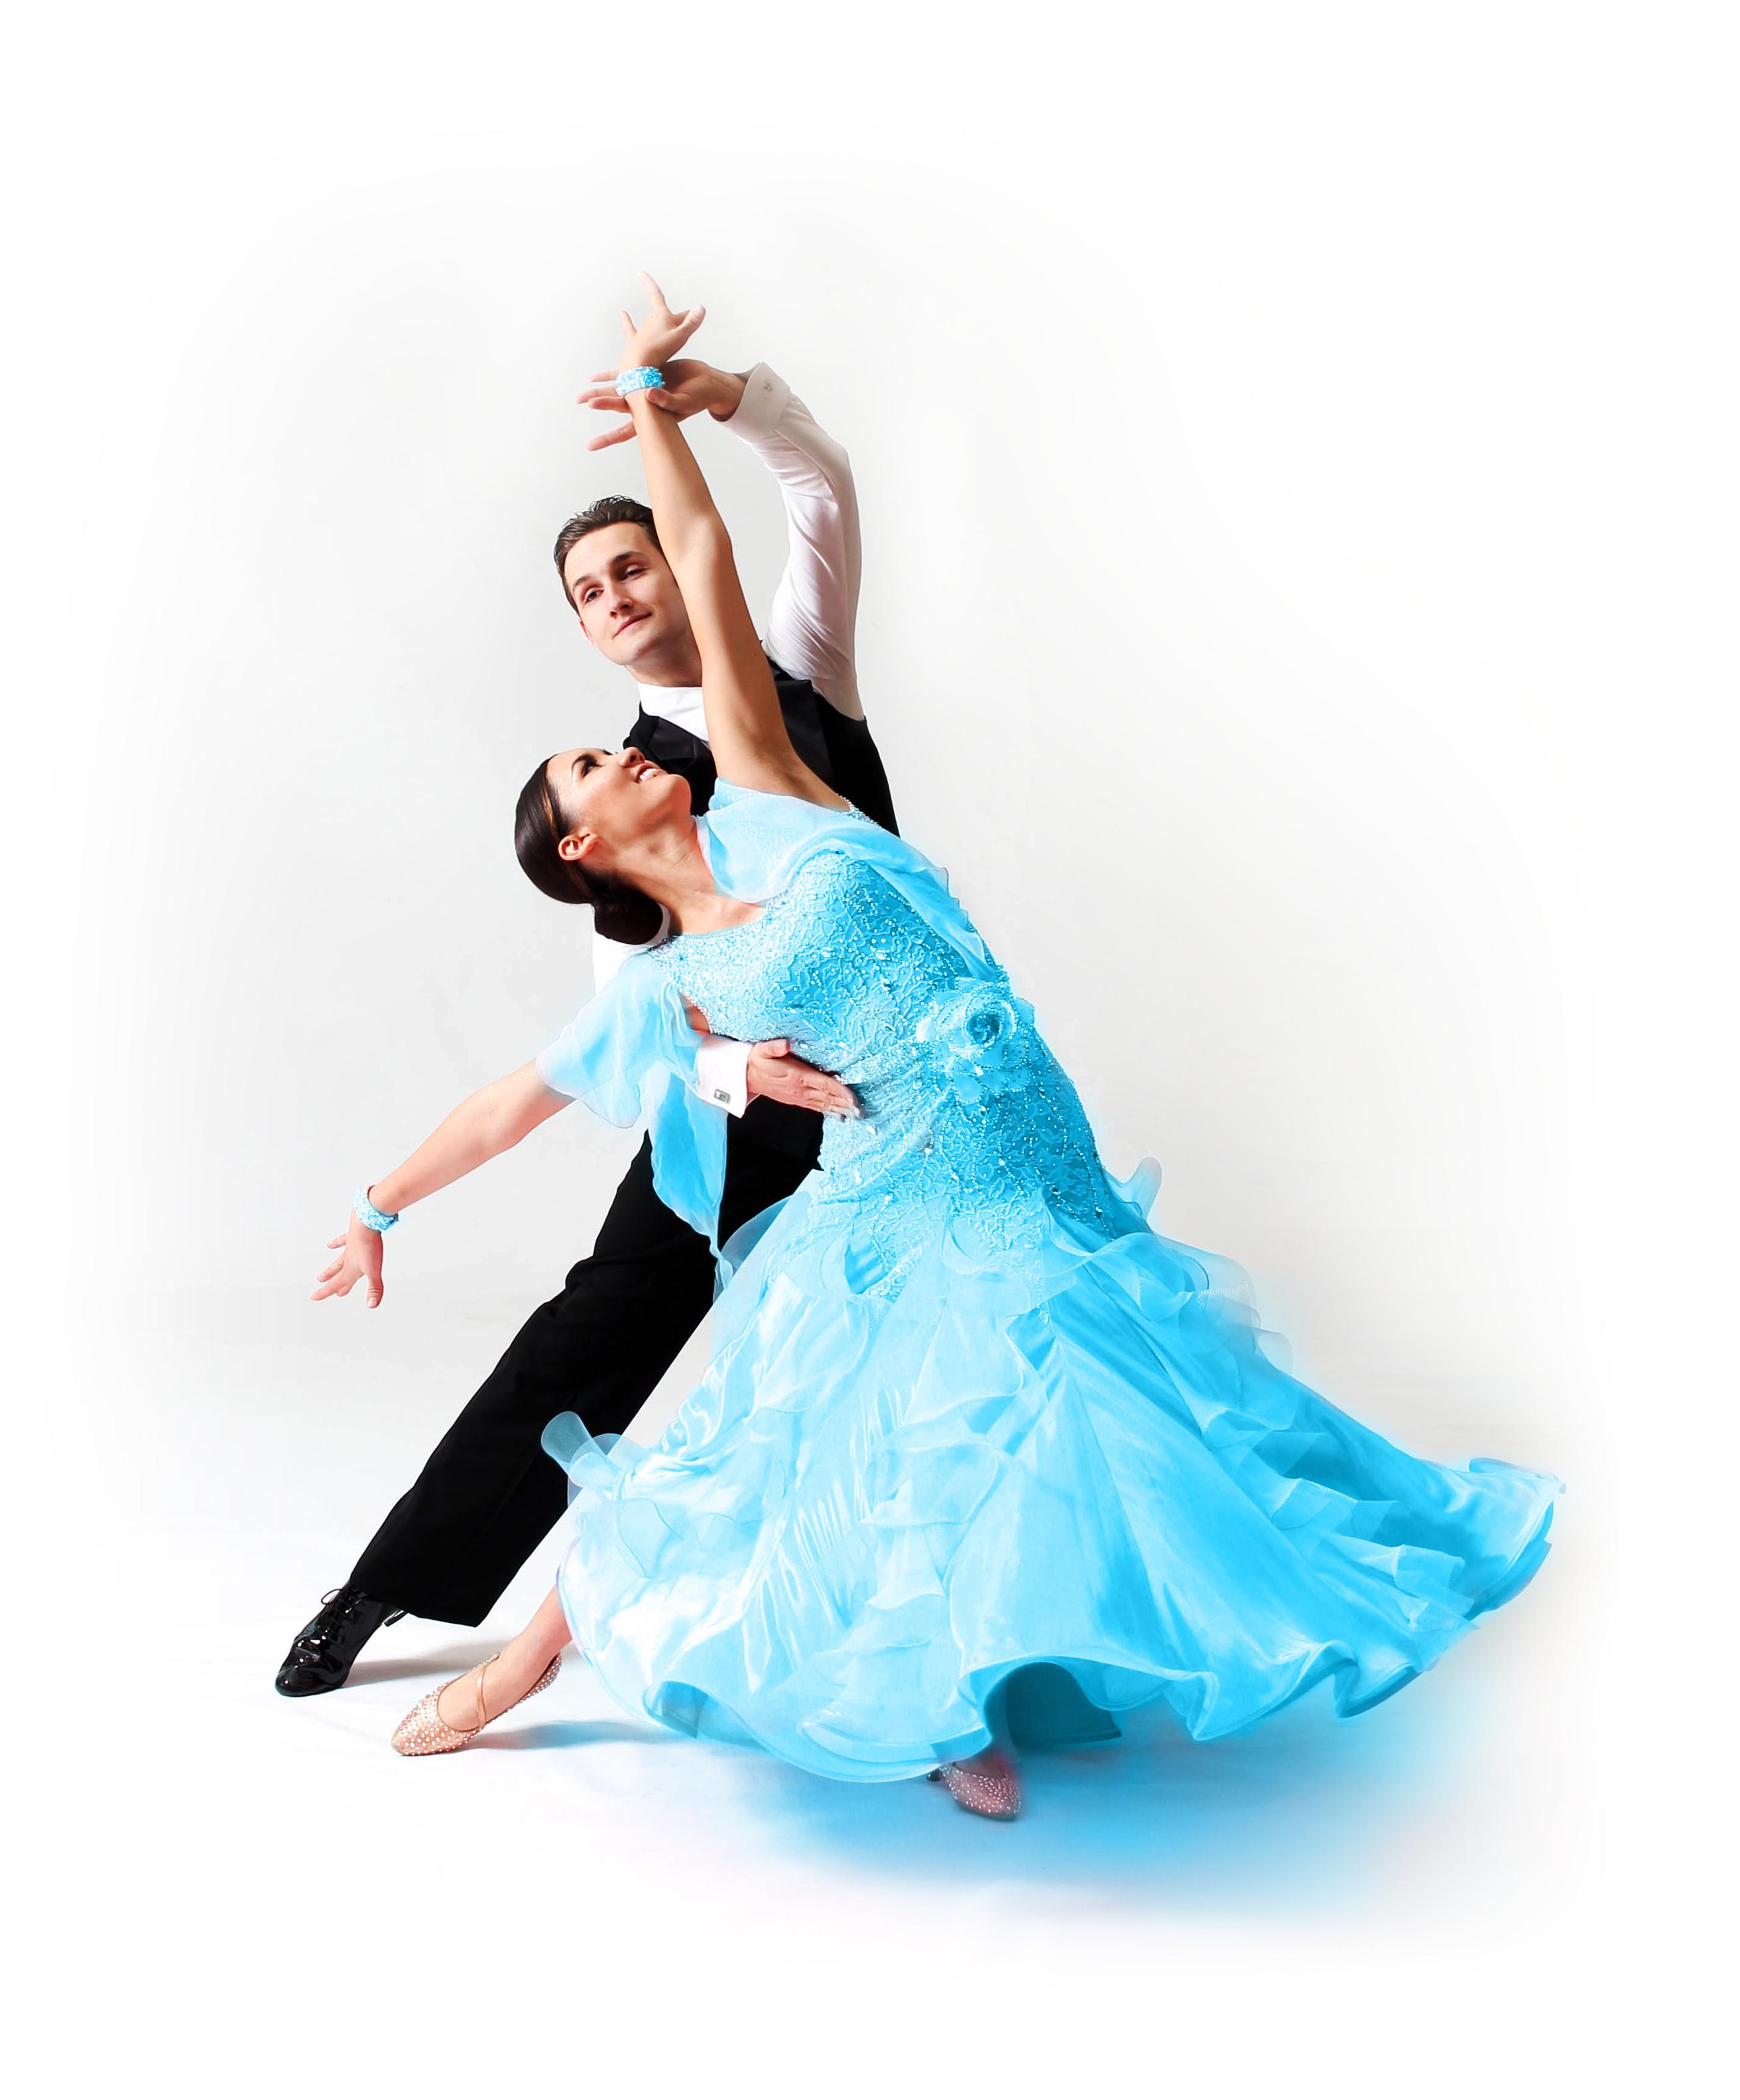 красивые картинки бальные танцы истории российского